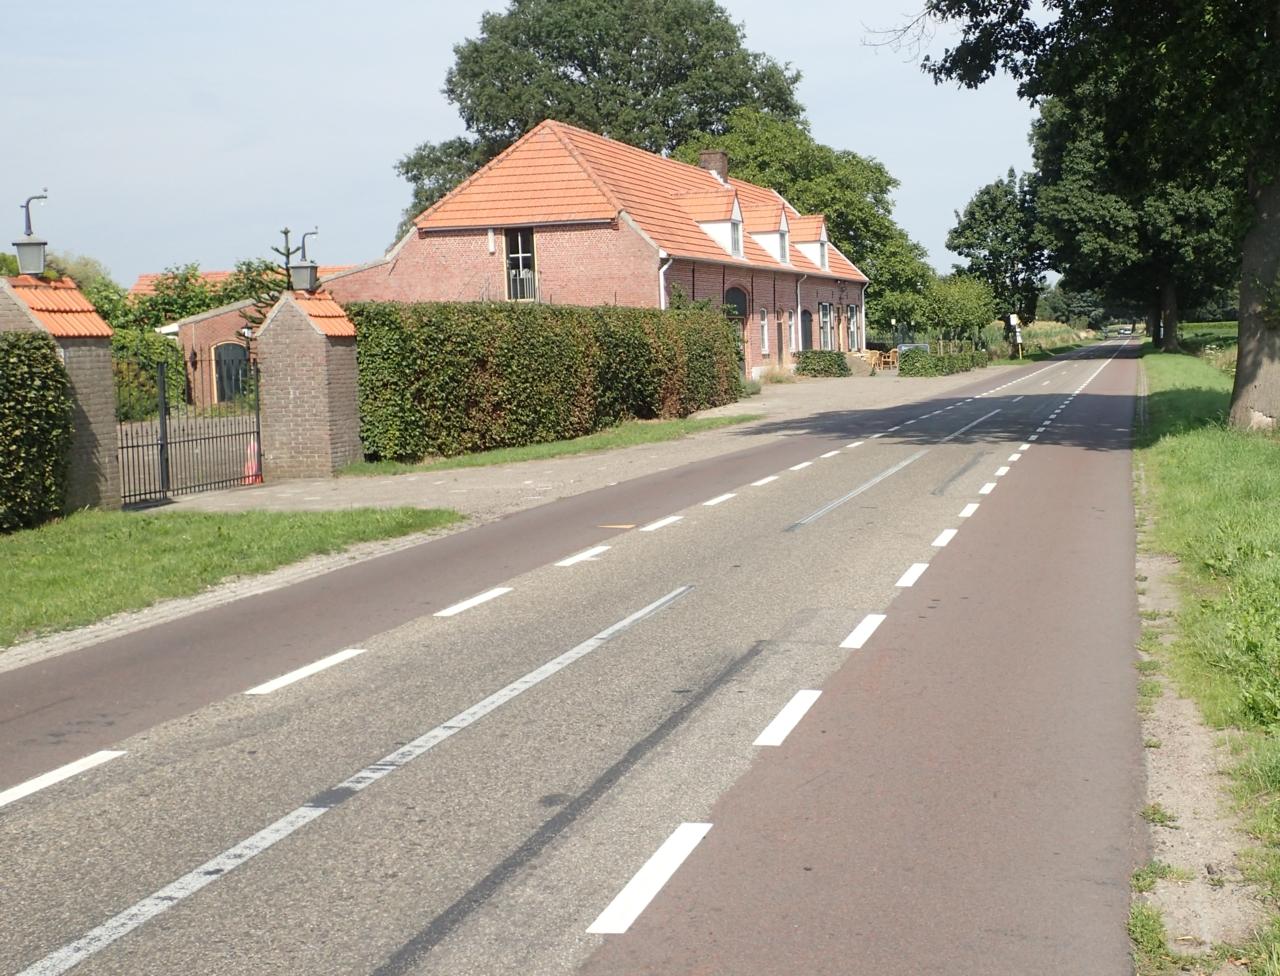 Vei med ett kjørefelt, to sykkelfelt